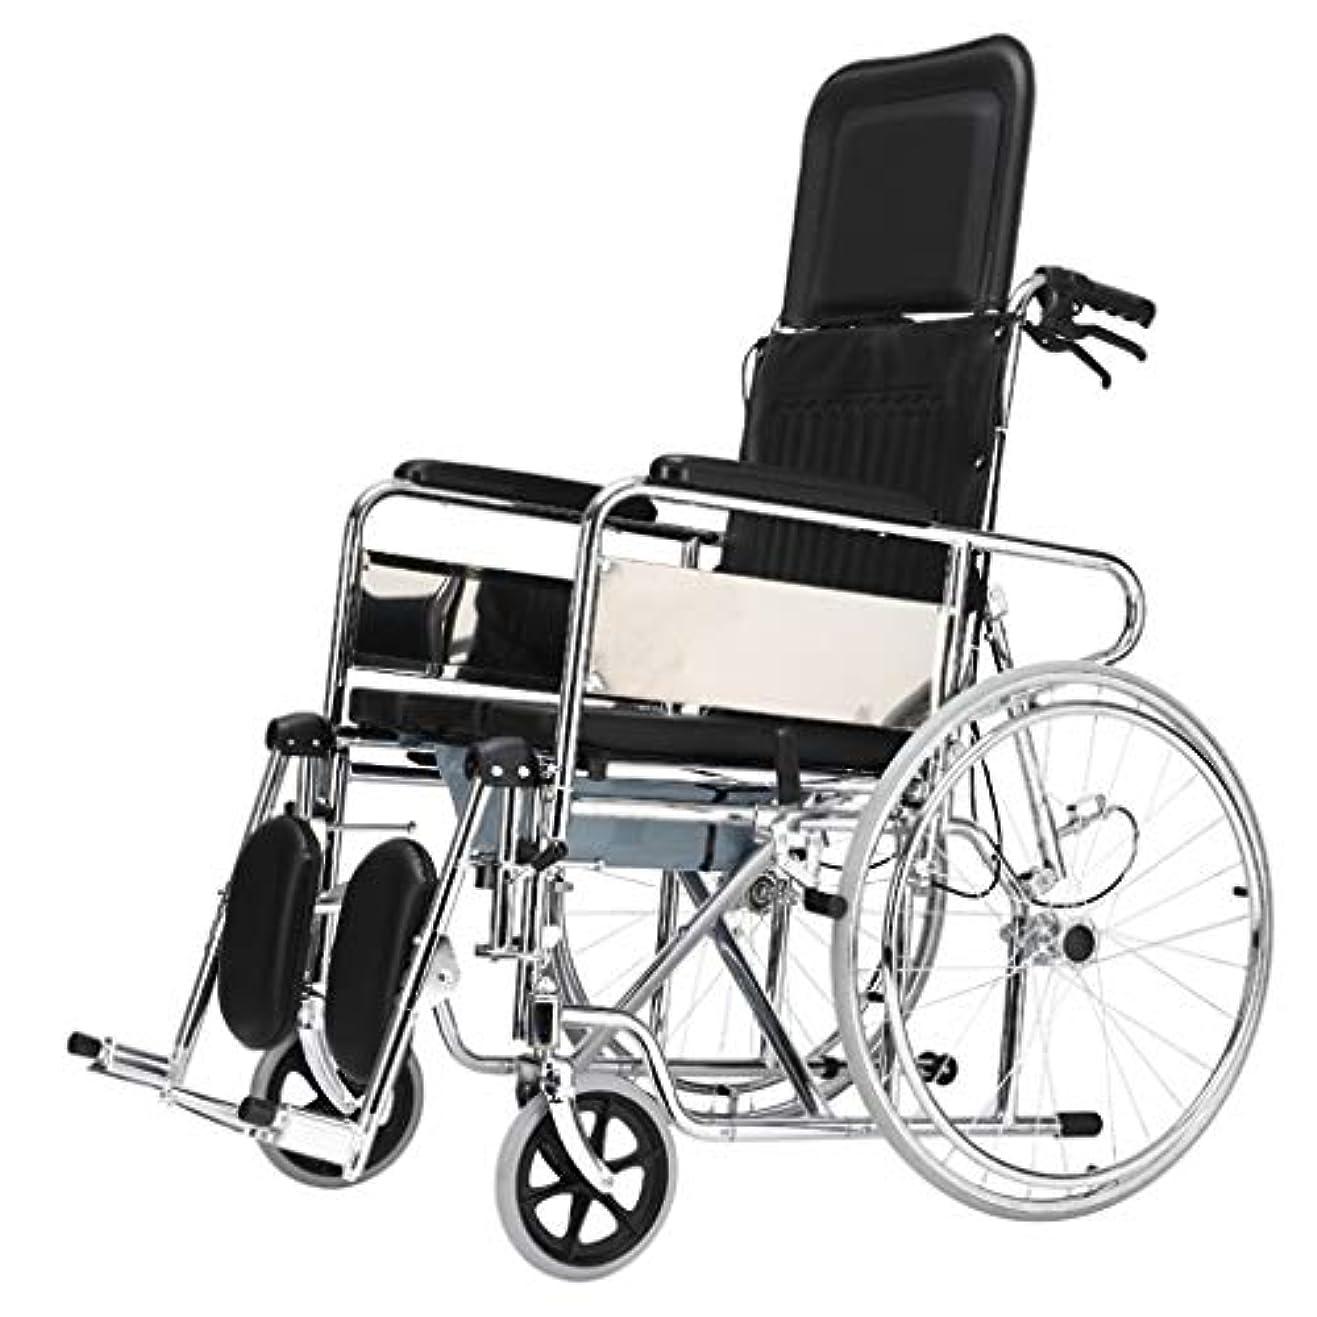 蓮スマイル素子車椅子トロリー屋外旅行パートナー、多機能フルレイ/セミライニングデザイン、高齢者障害者車椅子